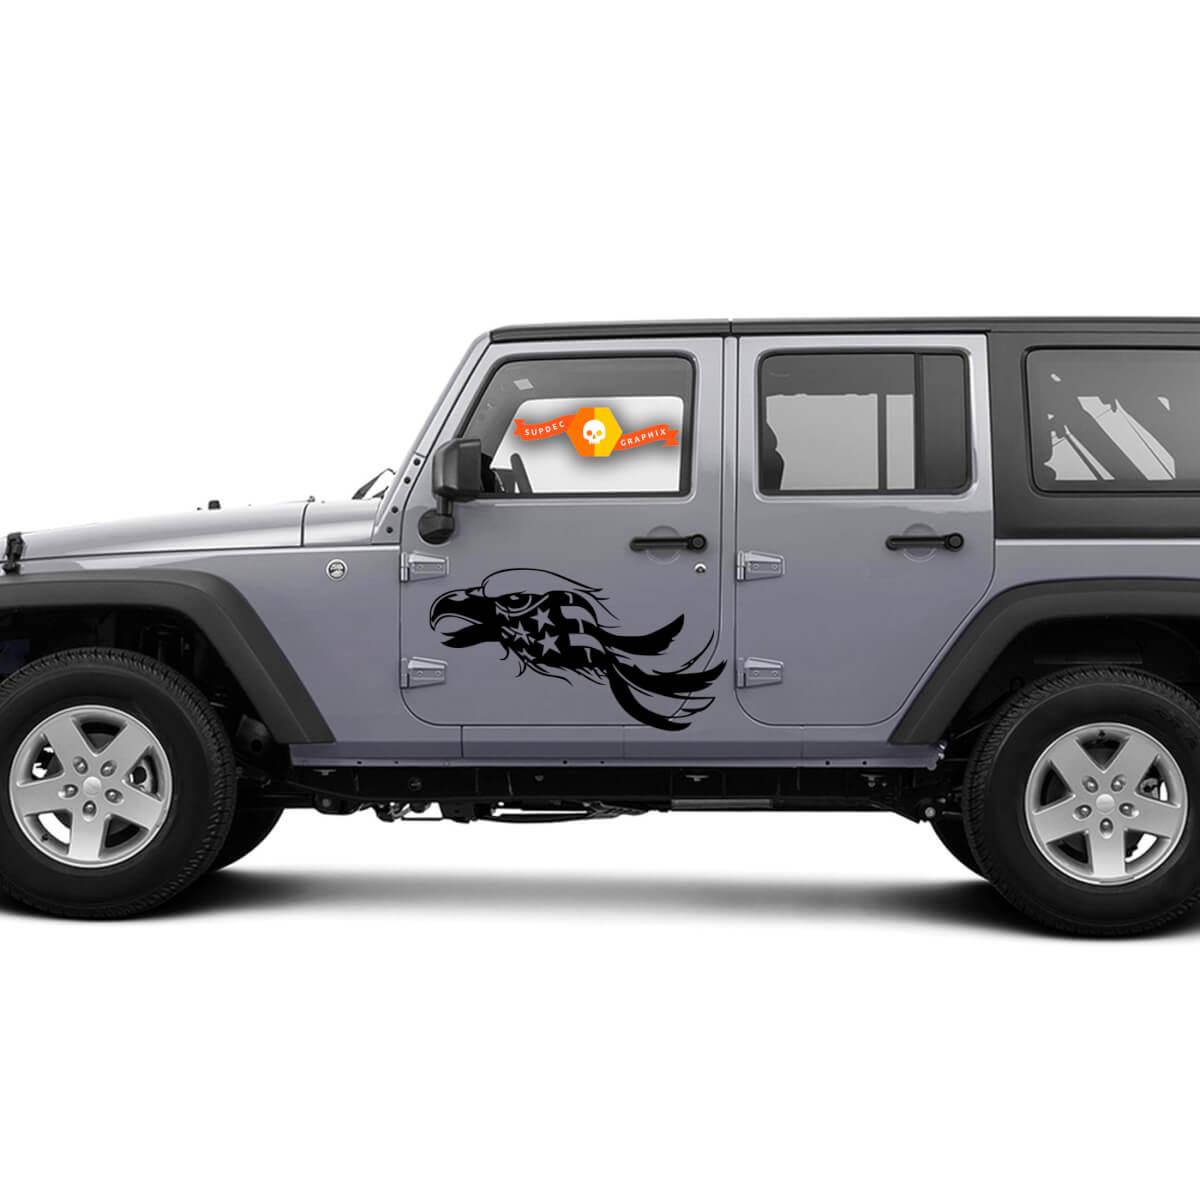 Amerikanische Flagge Adler Distressed Grunge Tür Auto Fahrzeug LKW Vinyl Grafik Aufkleber